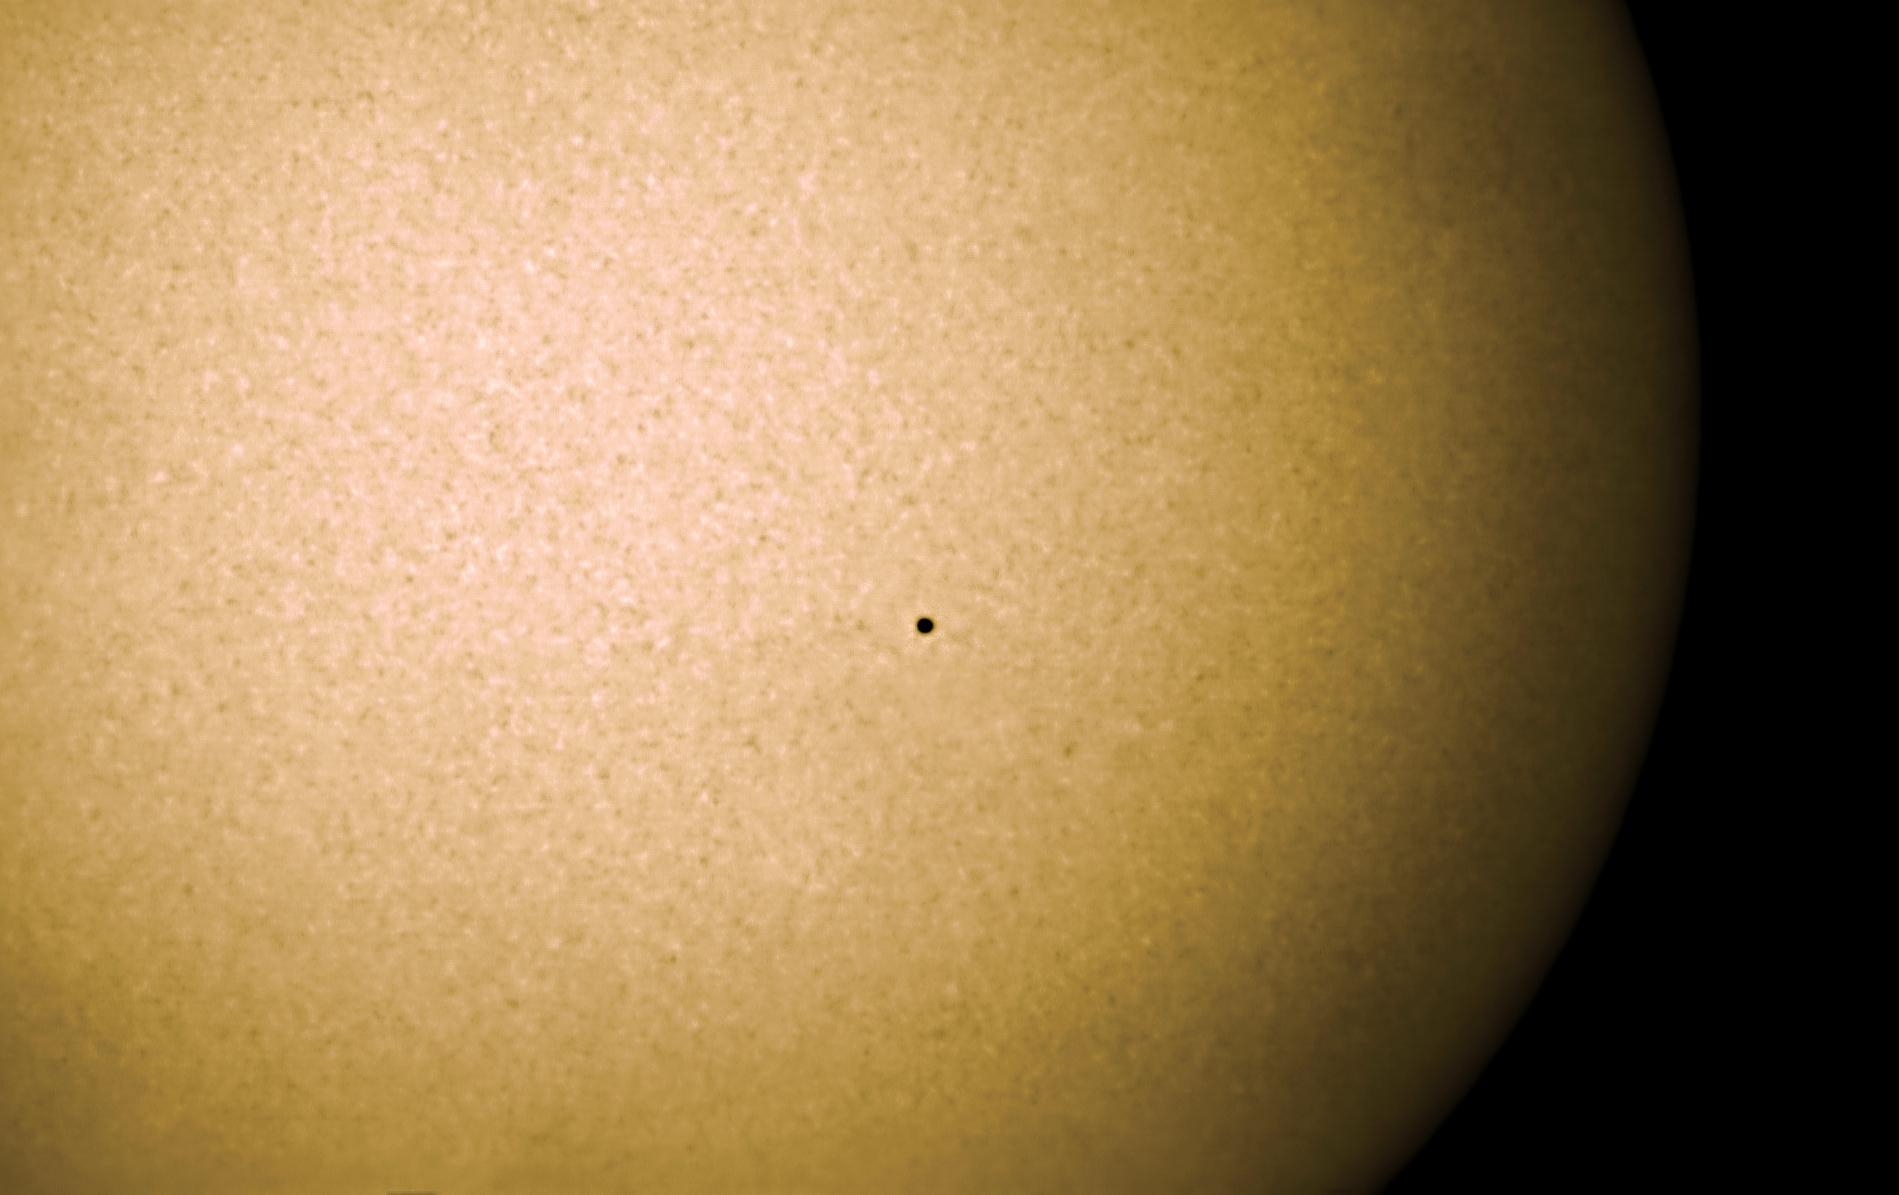 Merkutransit_2019-11-11--16-18_ASI174MM_AstroPhysics175mm-Herschelkeil.jpg